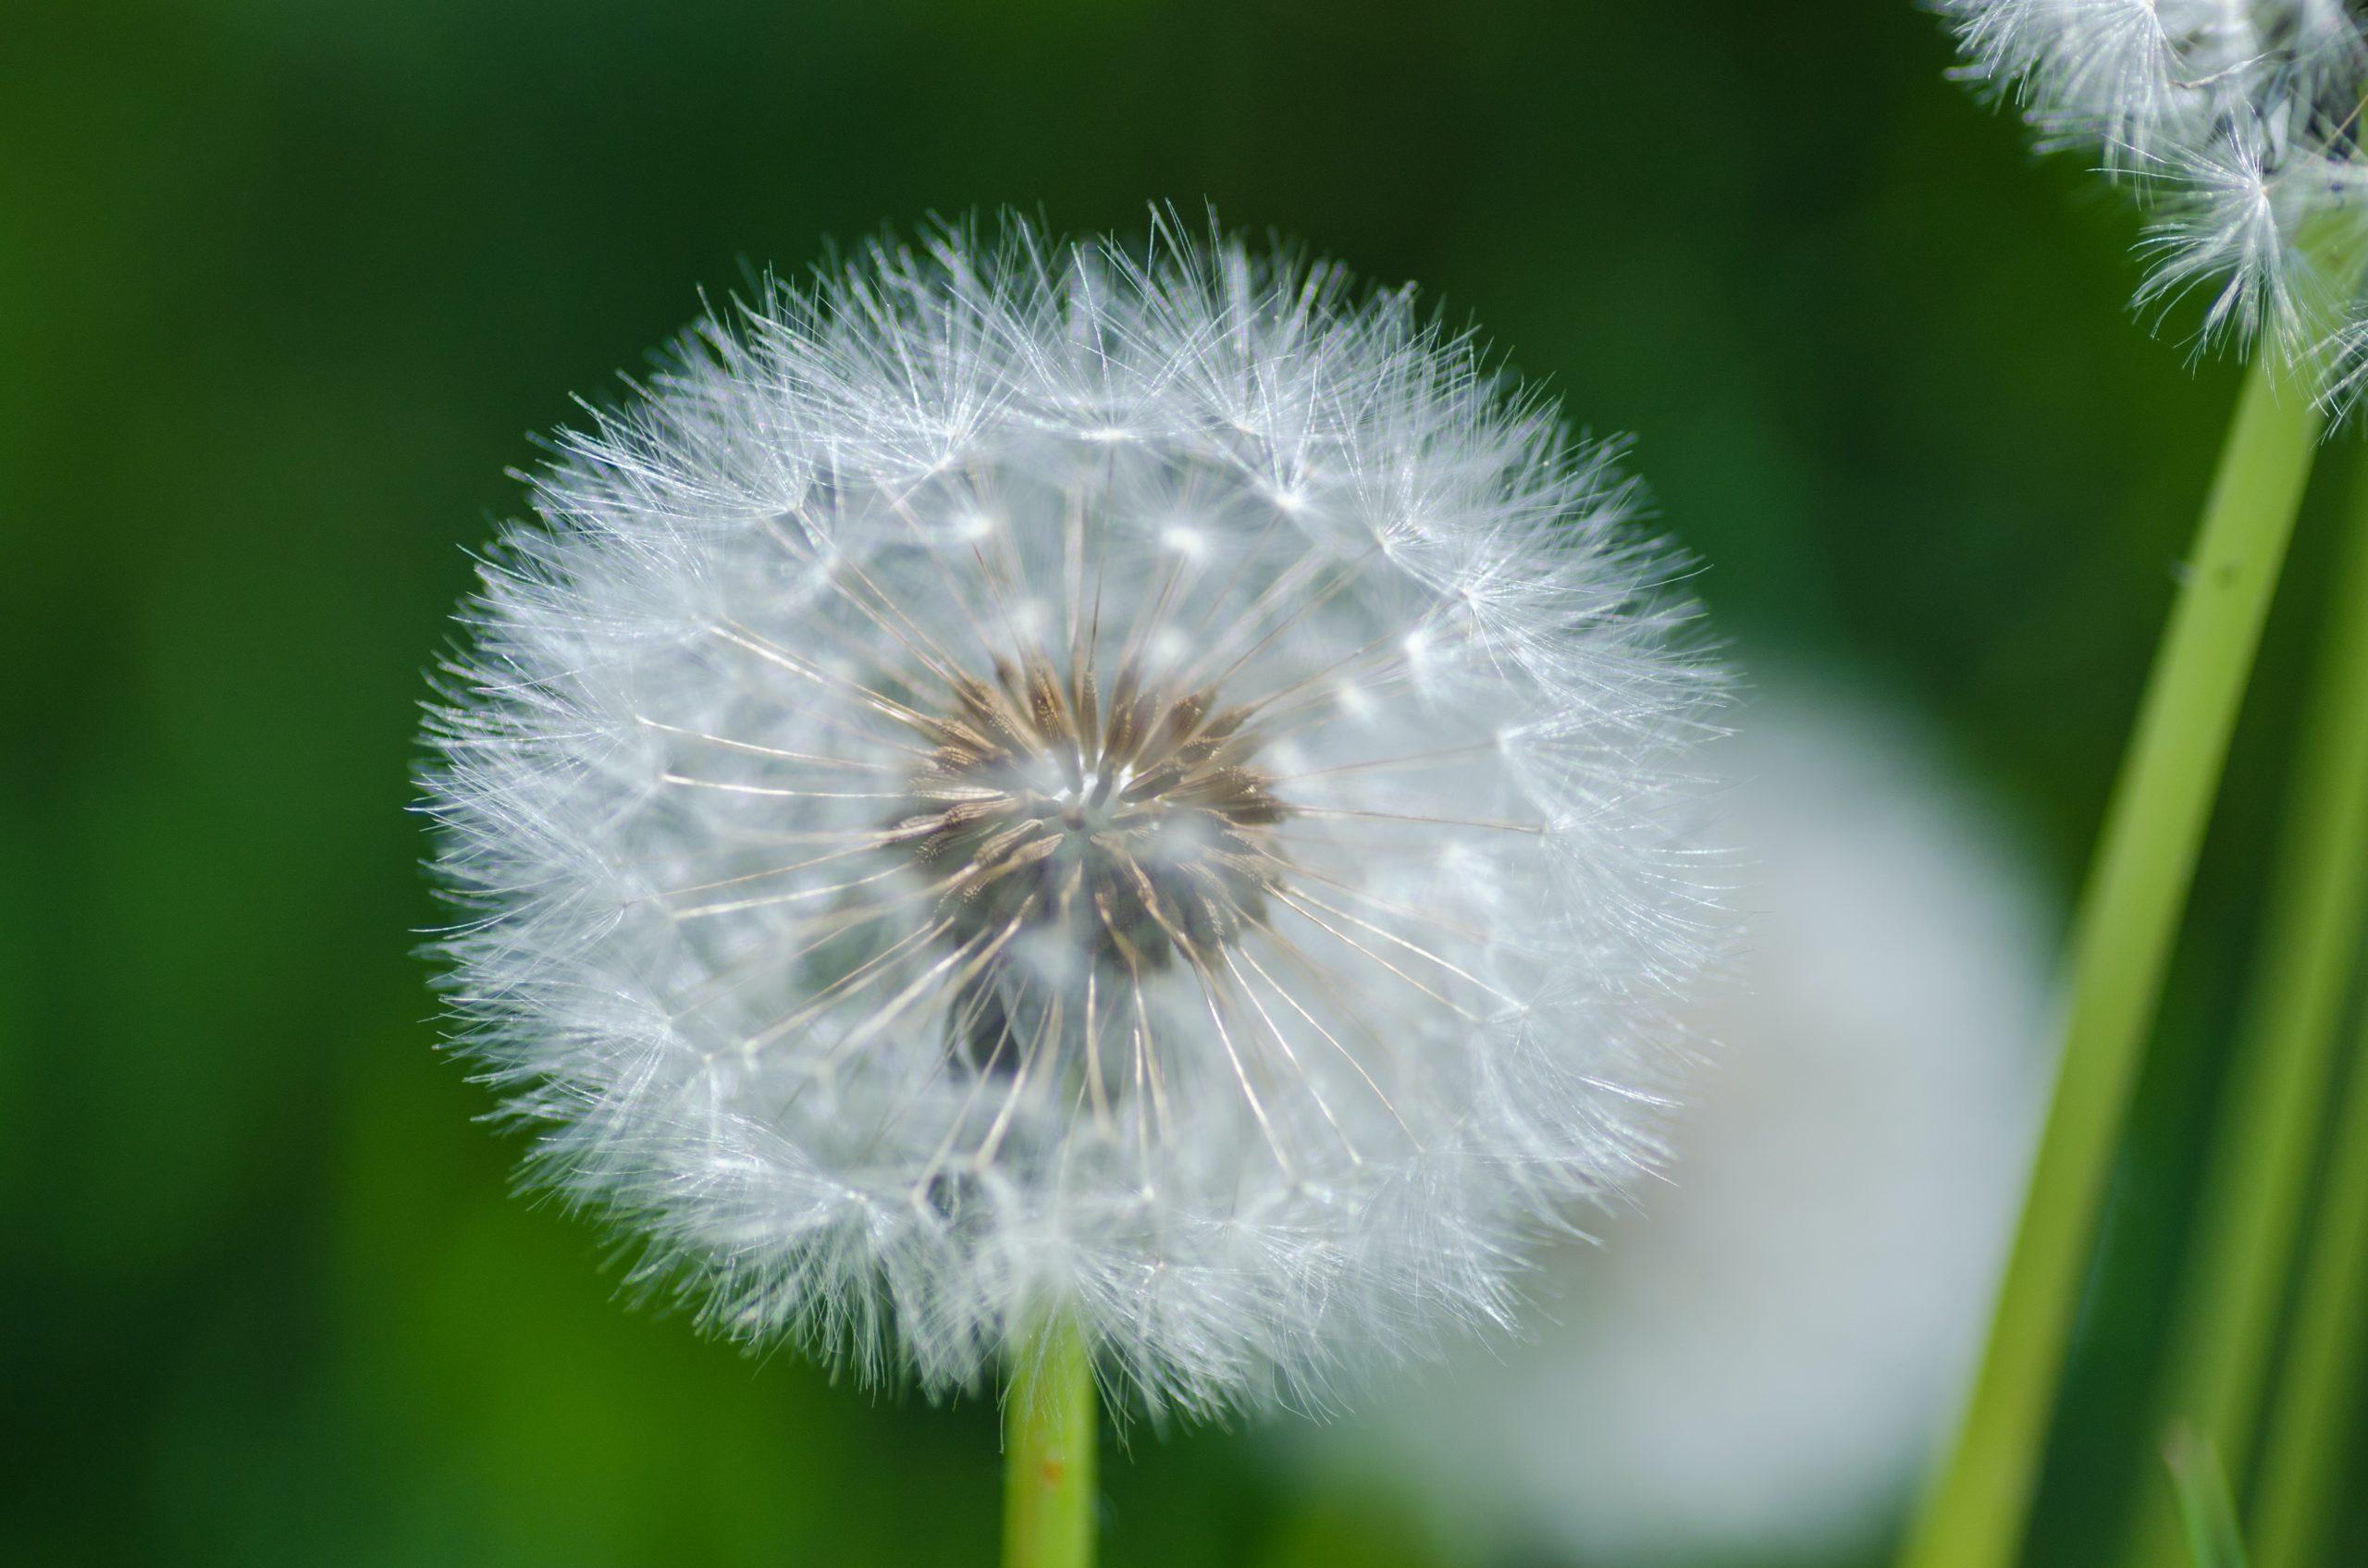 Ces petites choses toutes douces sur lesquelles on adore souffler sont les fruits du pissenlit, autrement appelés akènes.